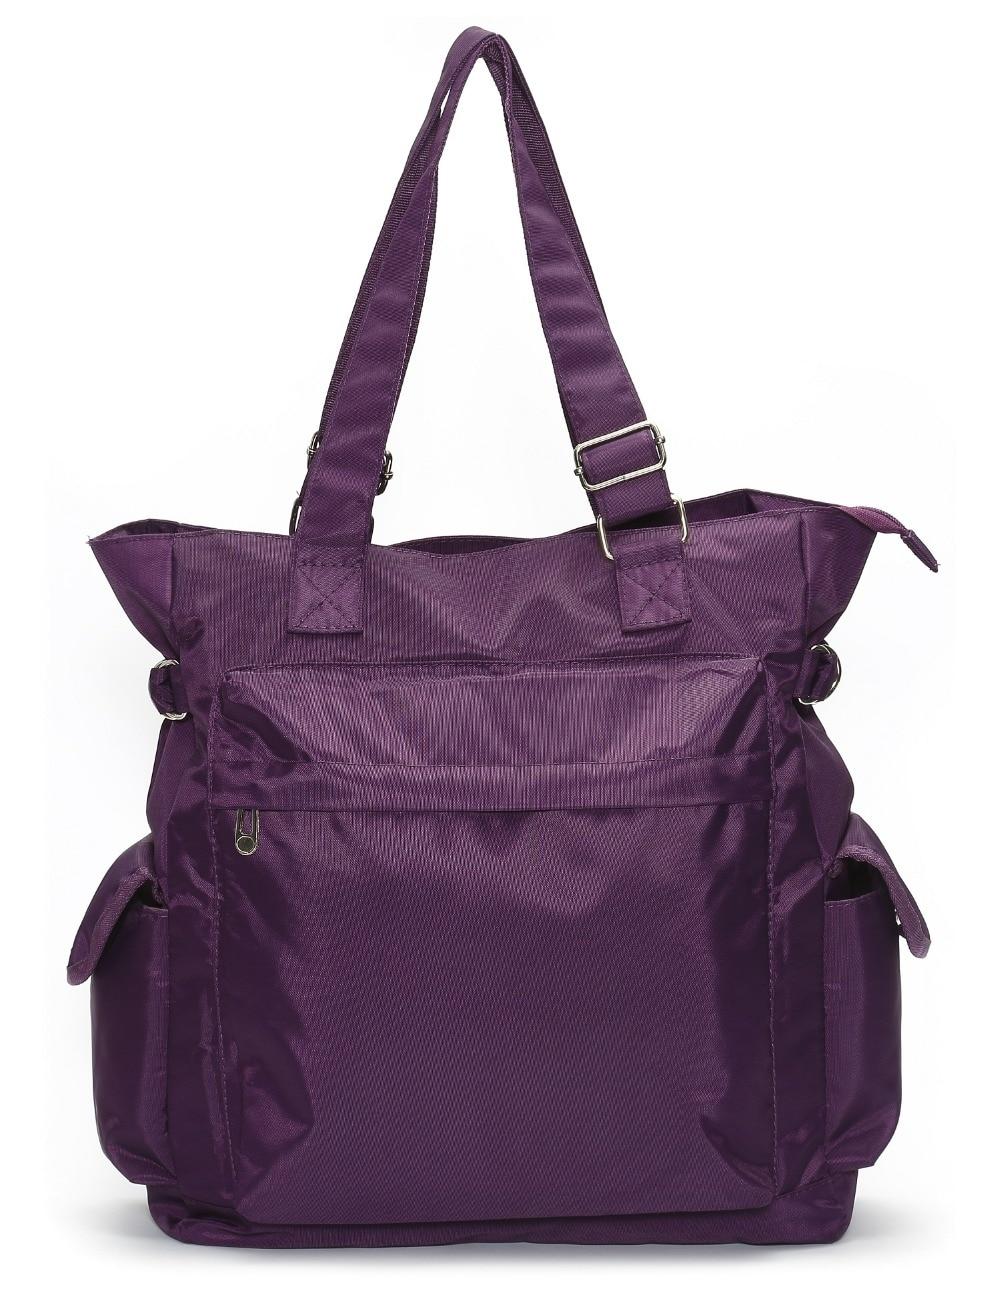 2017 new large women handbag ladies shoulder bag satchel sac a main femme de marque fashion